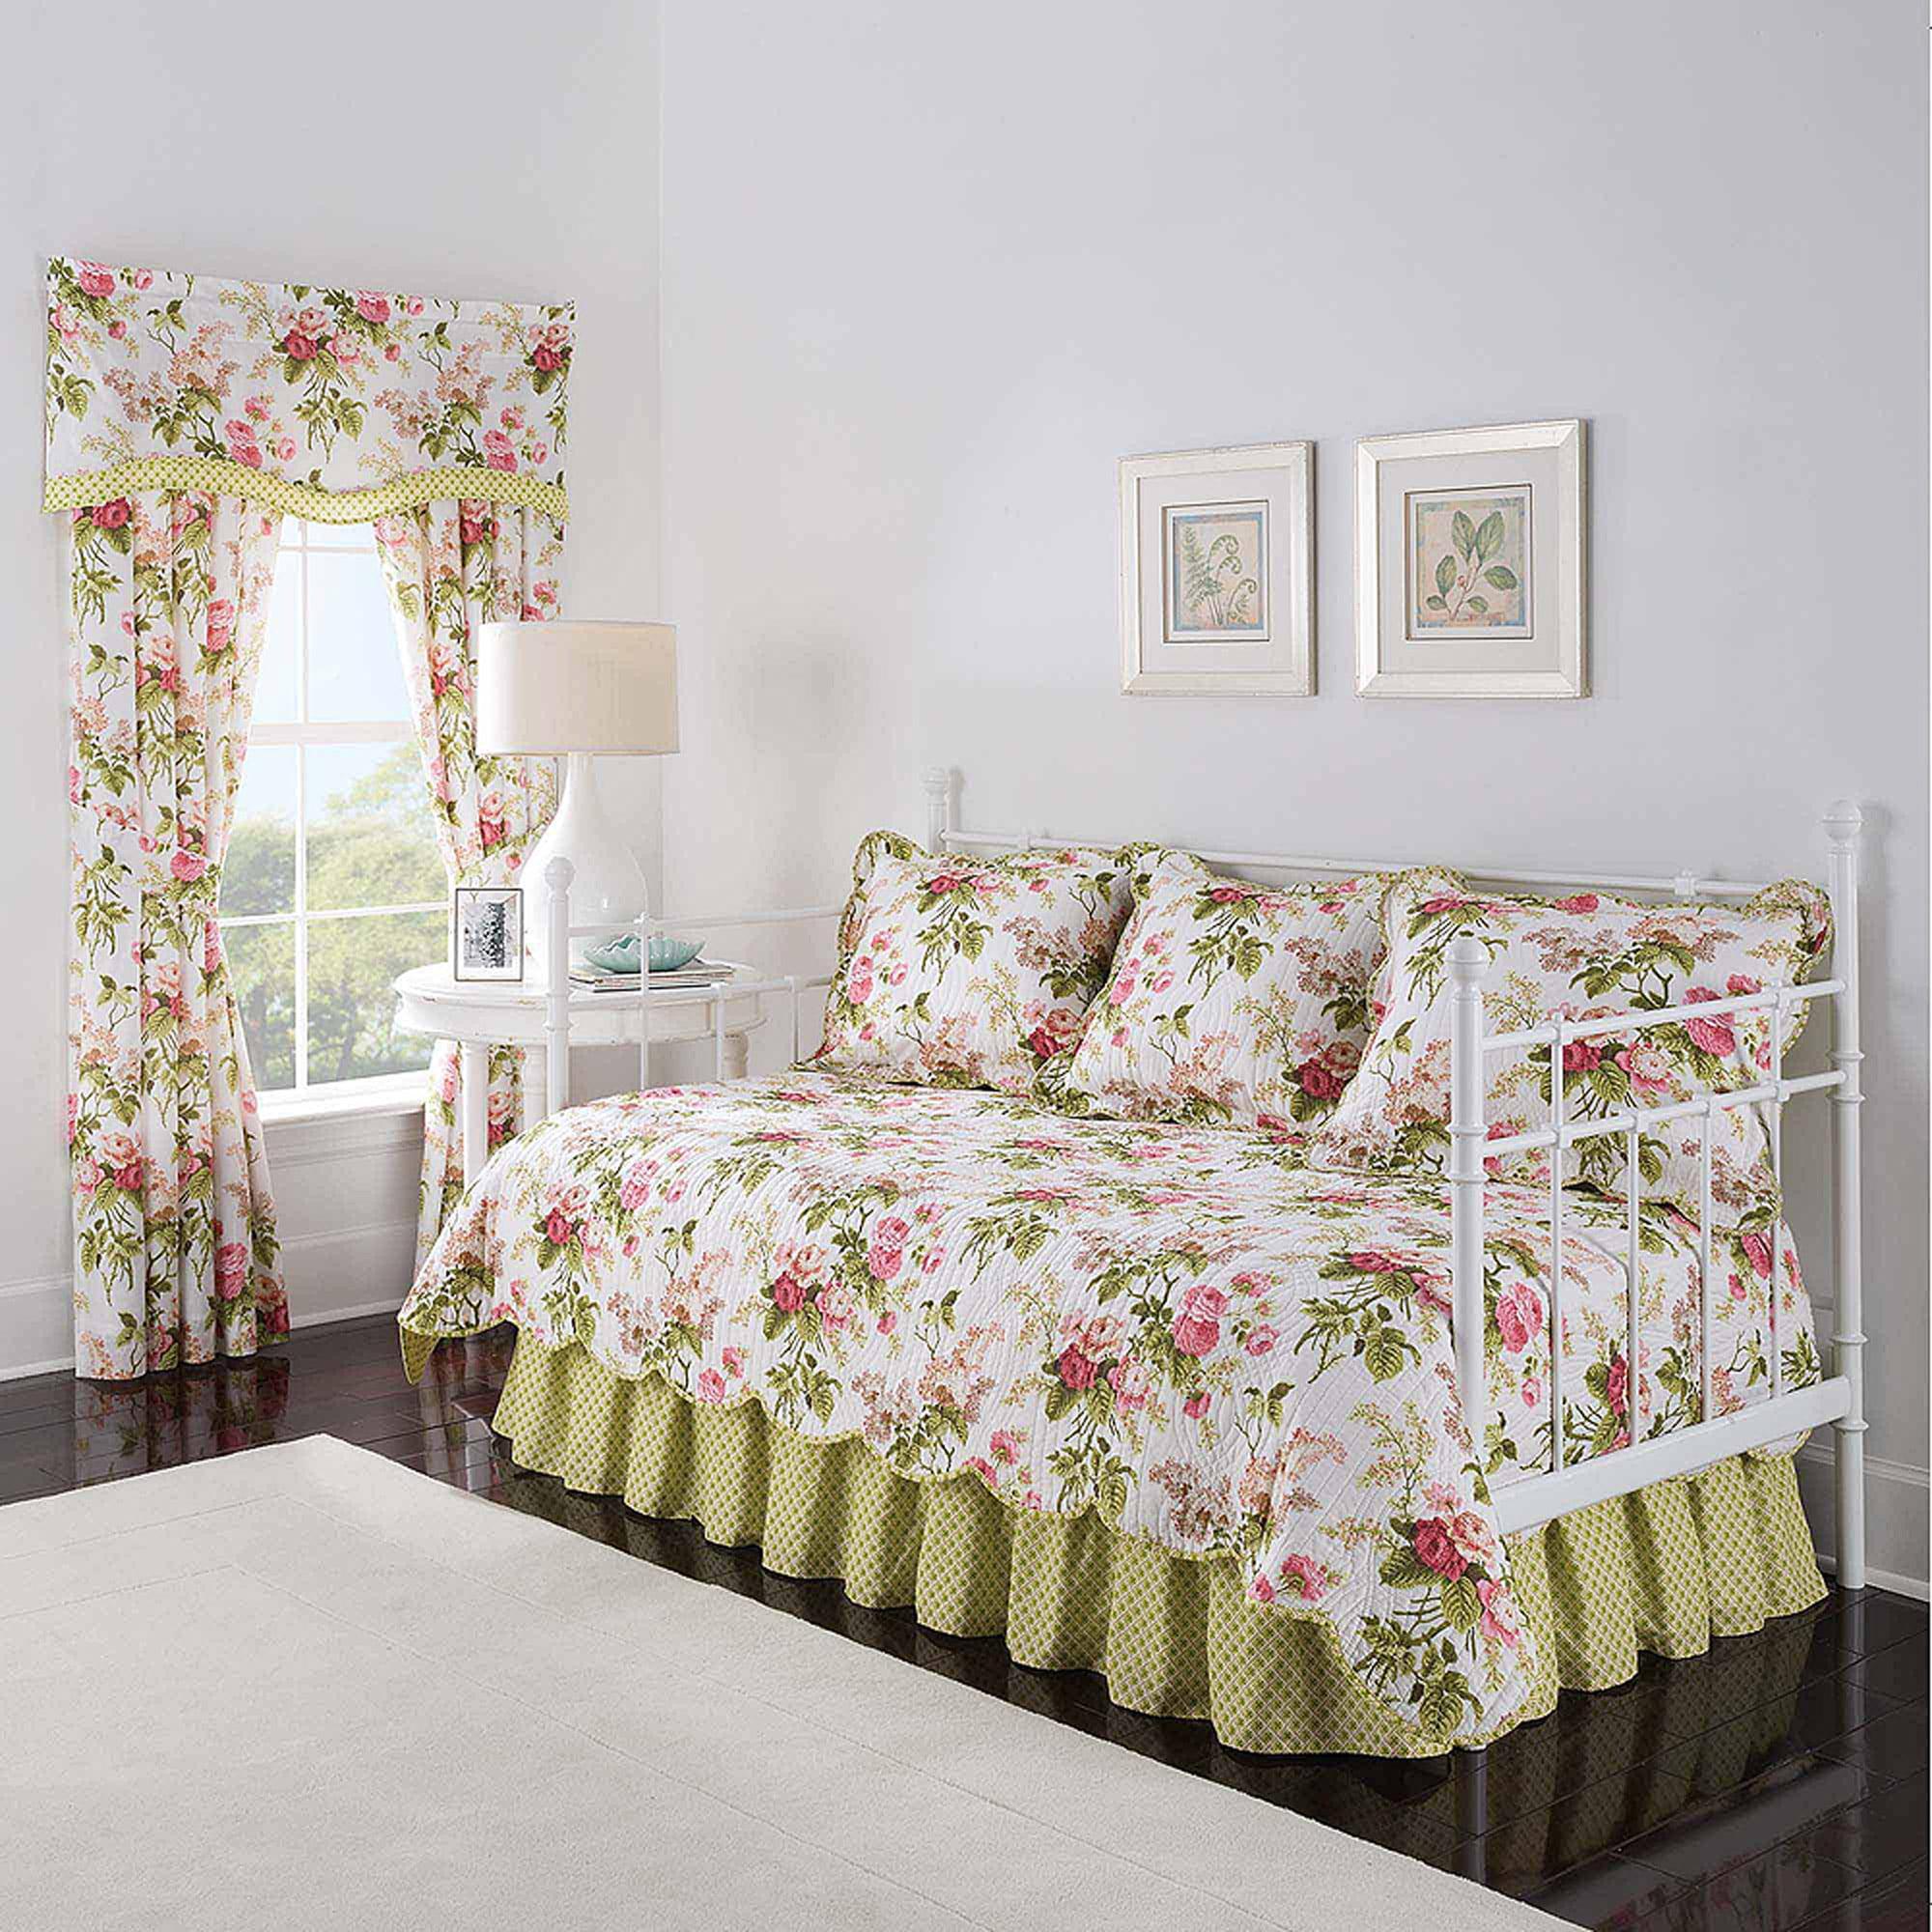 Emma\'s Garden 5-Piece Daybed Set - Walmart.com